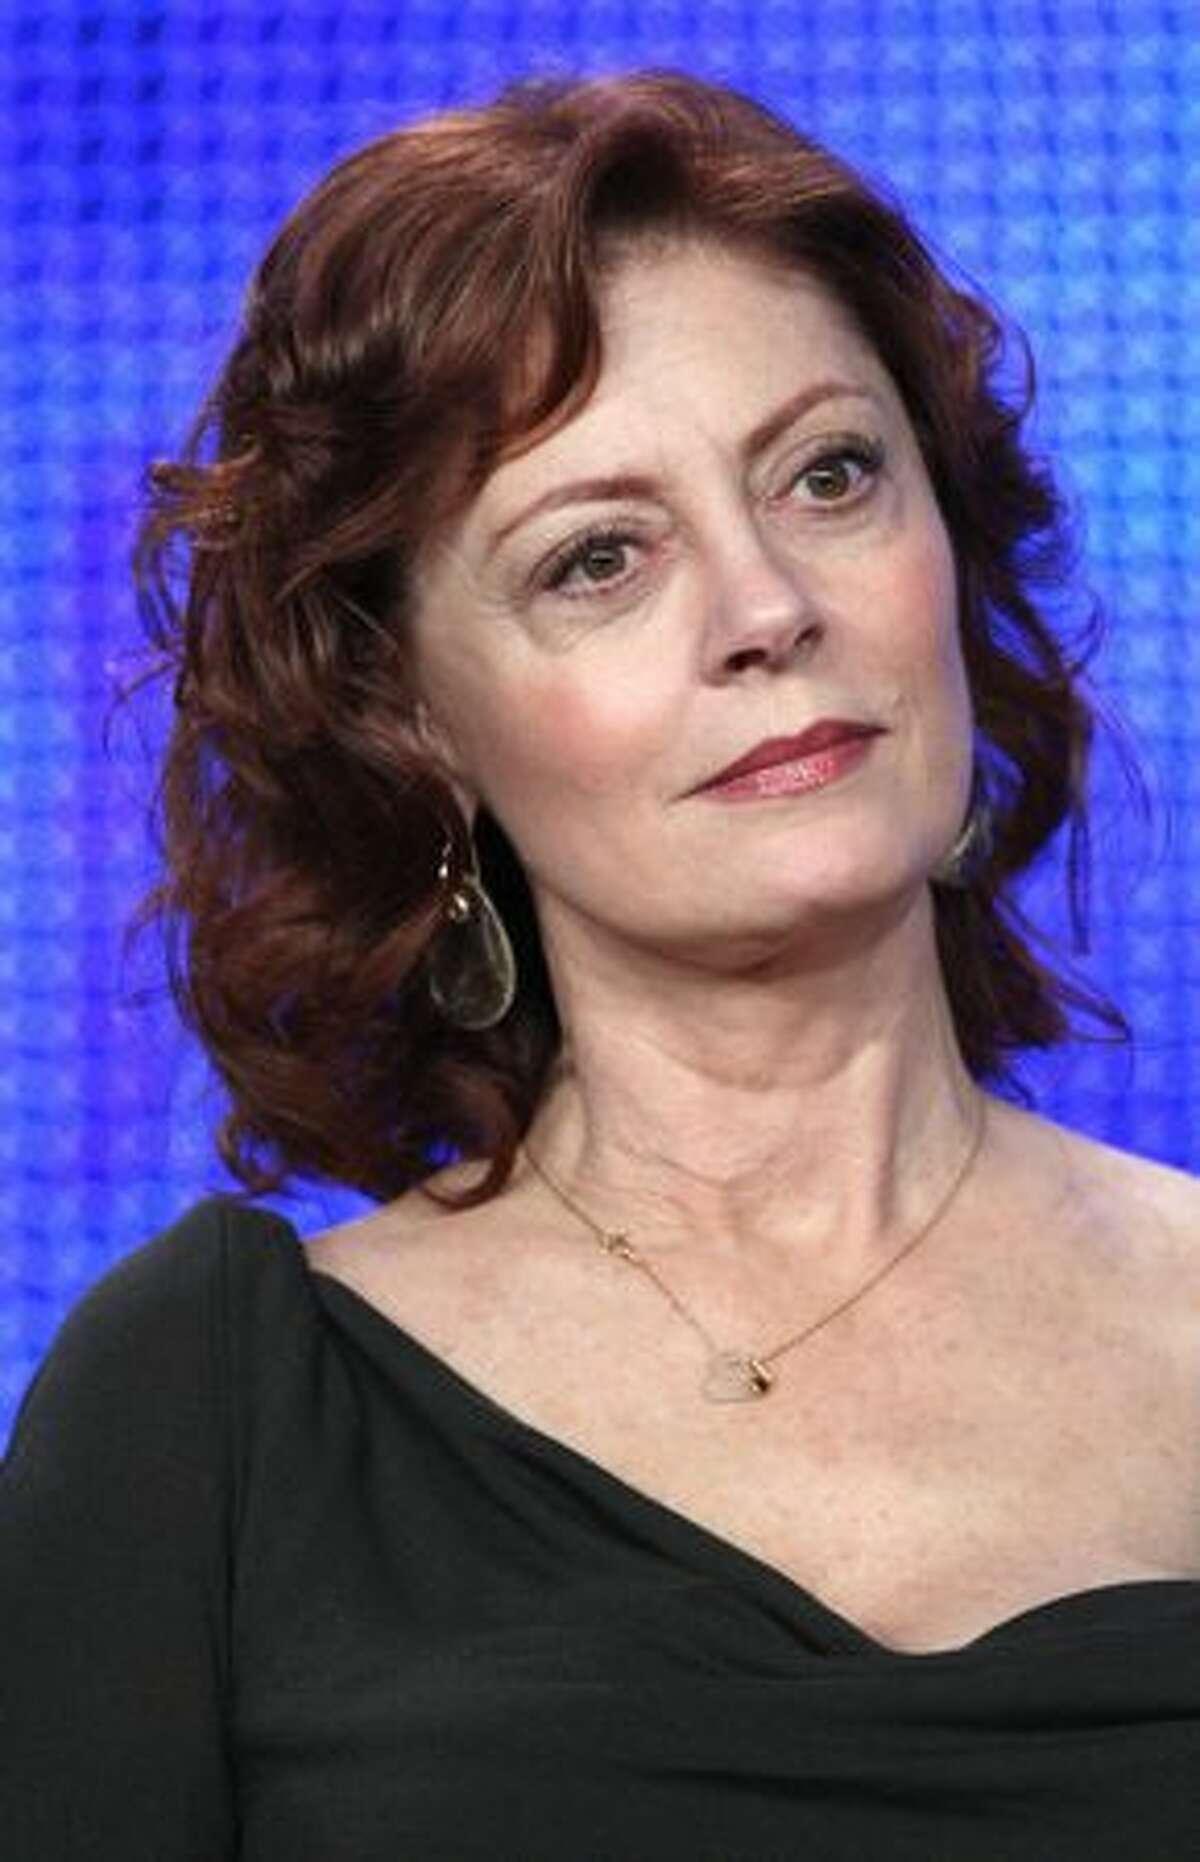 PASADENA, CA - JANUARY 14: Actress Susan Sarandon of